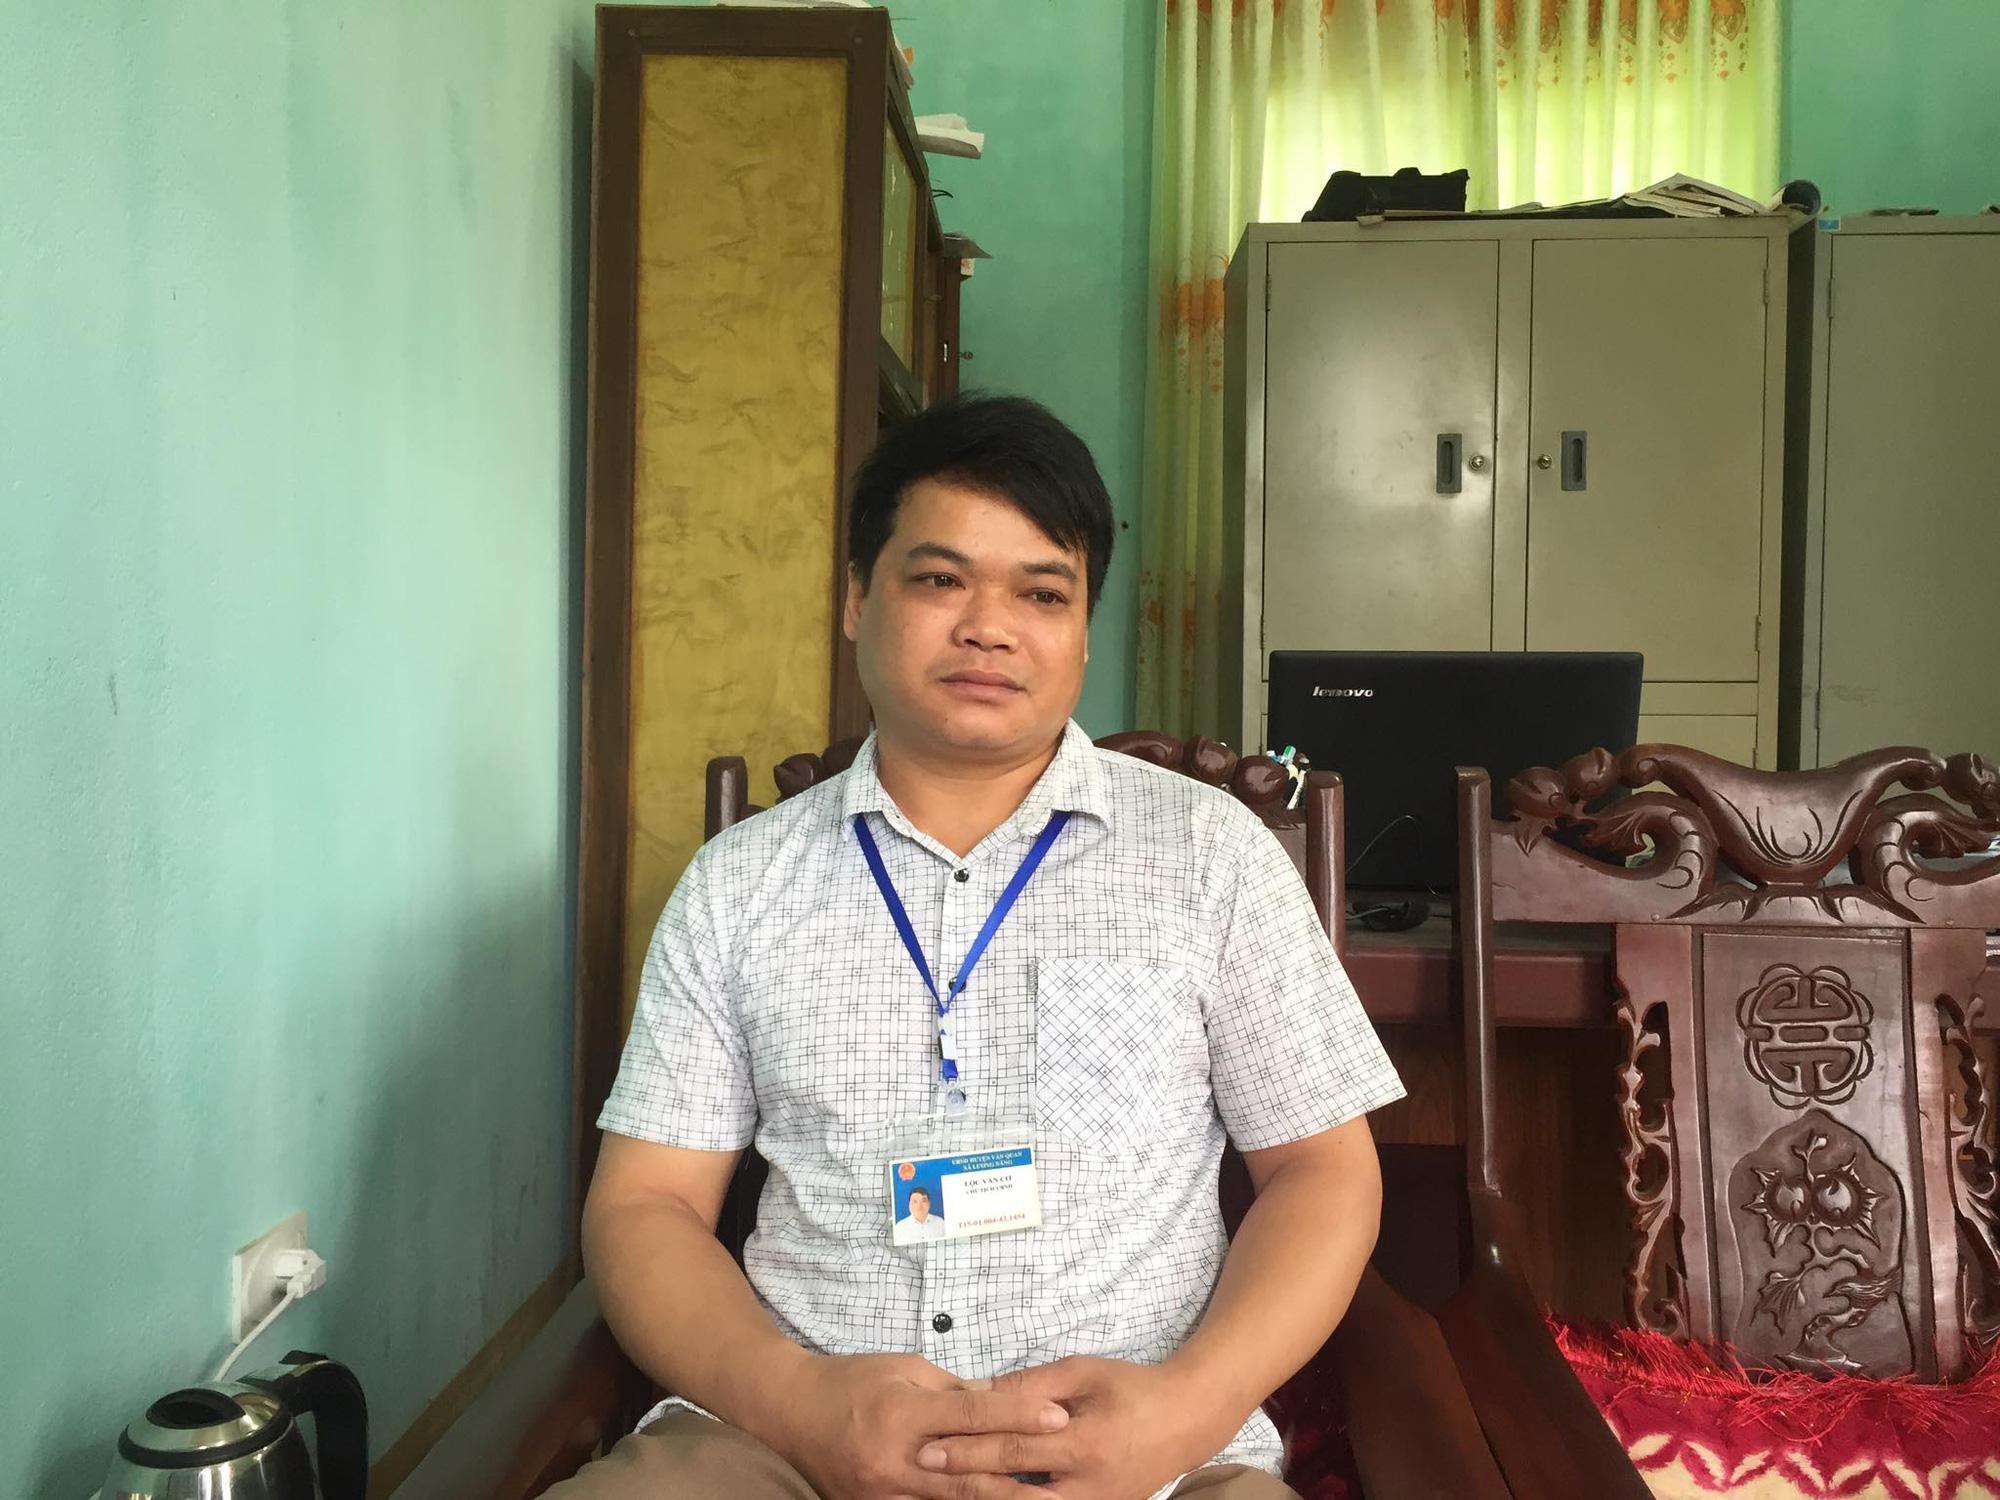 """Chủ tịch xã ở Lạng Sơn chỉ bị yêu cầu """"rút kinh nghiệm"""" sau hàng loạt sai phạm - Ảnh 3."""